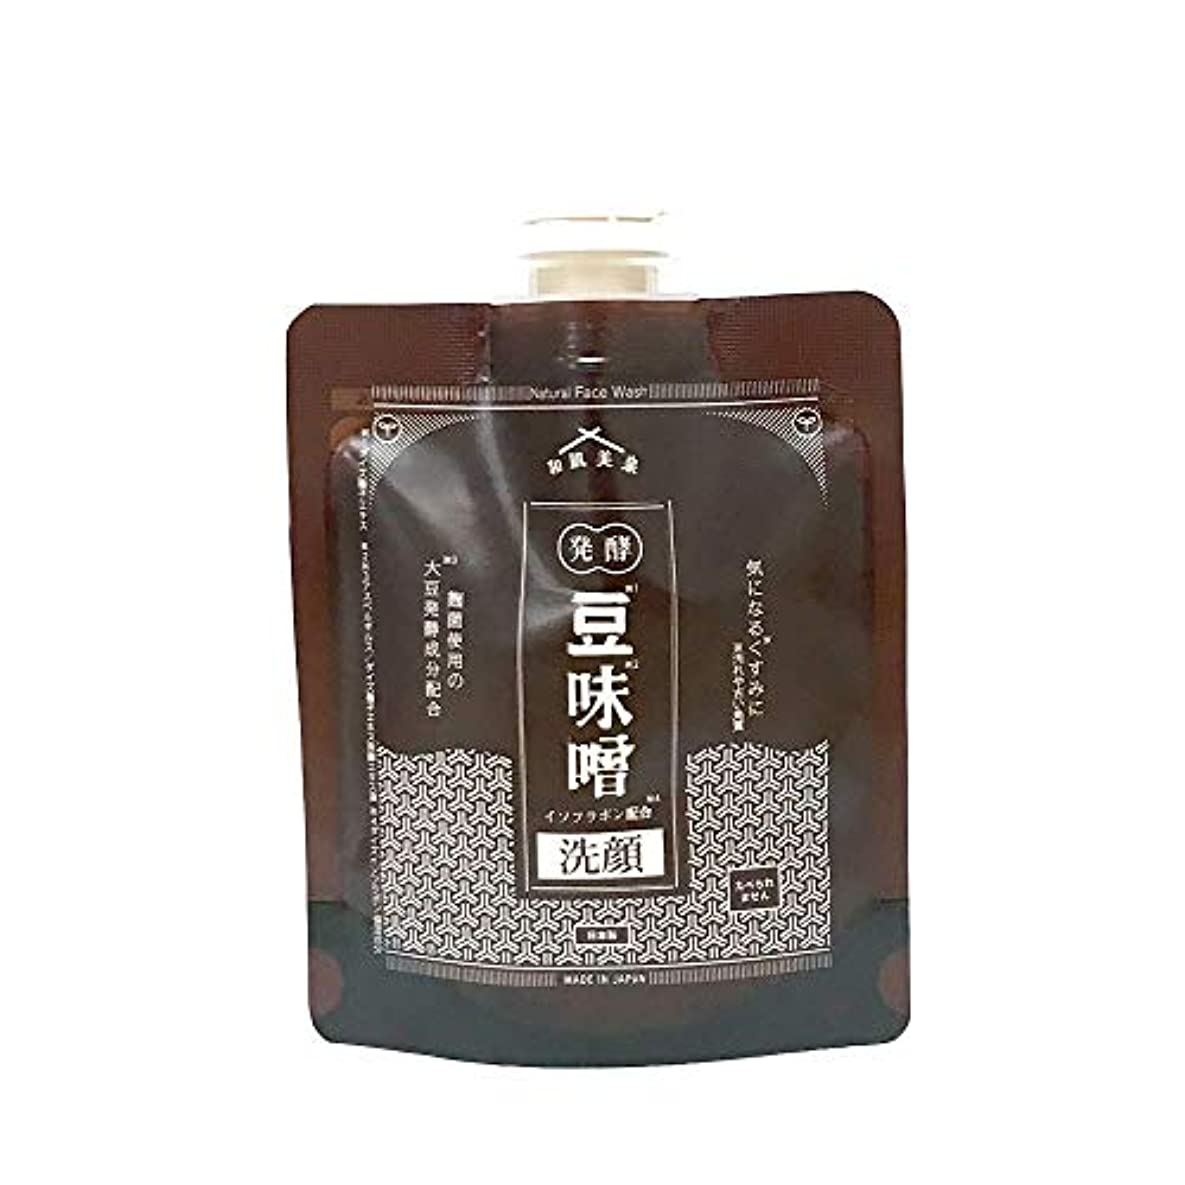 和肌美泉 発酵•豆味噌イソフラボン洗顔 100g